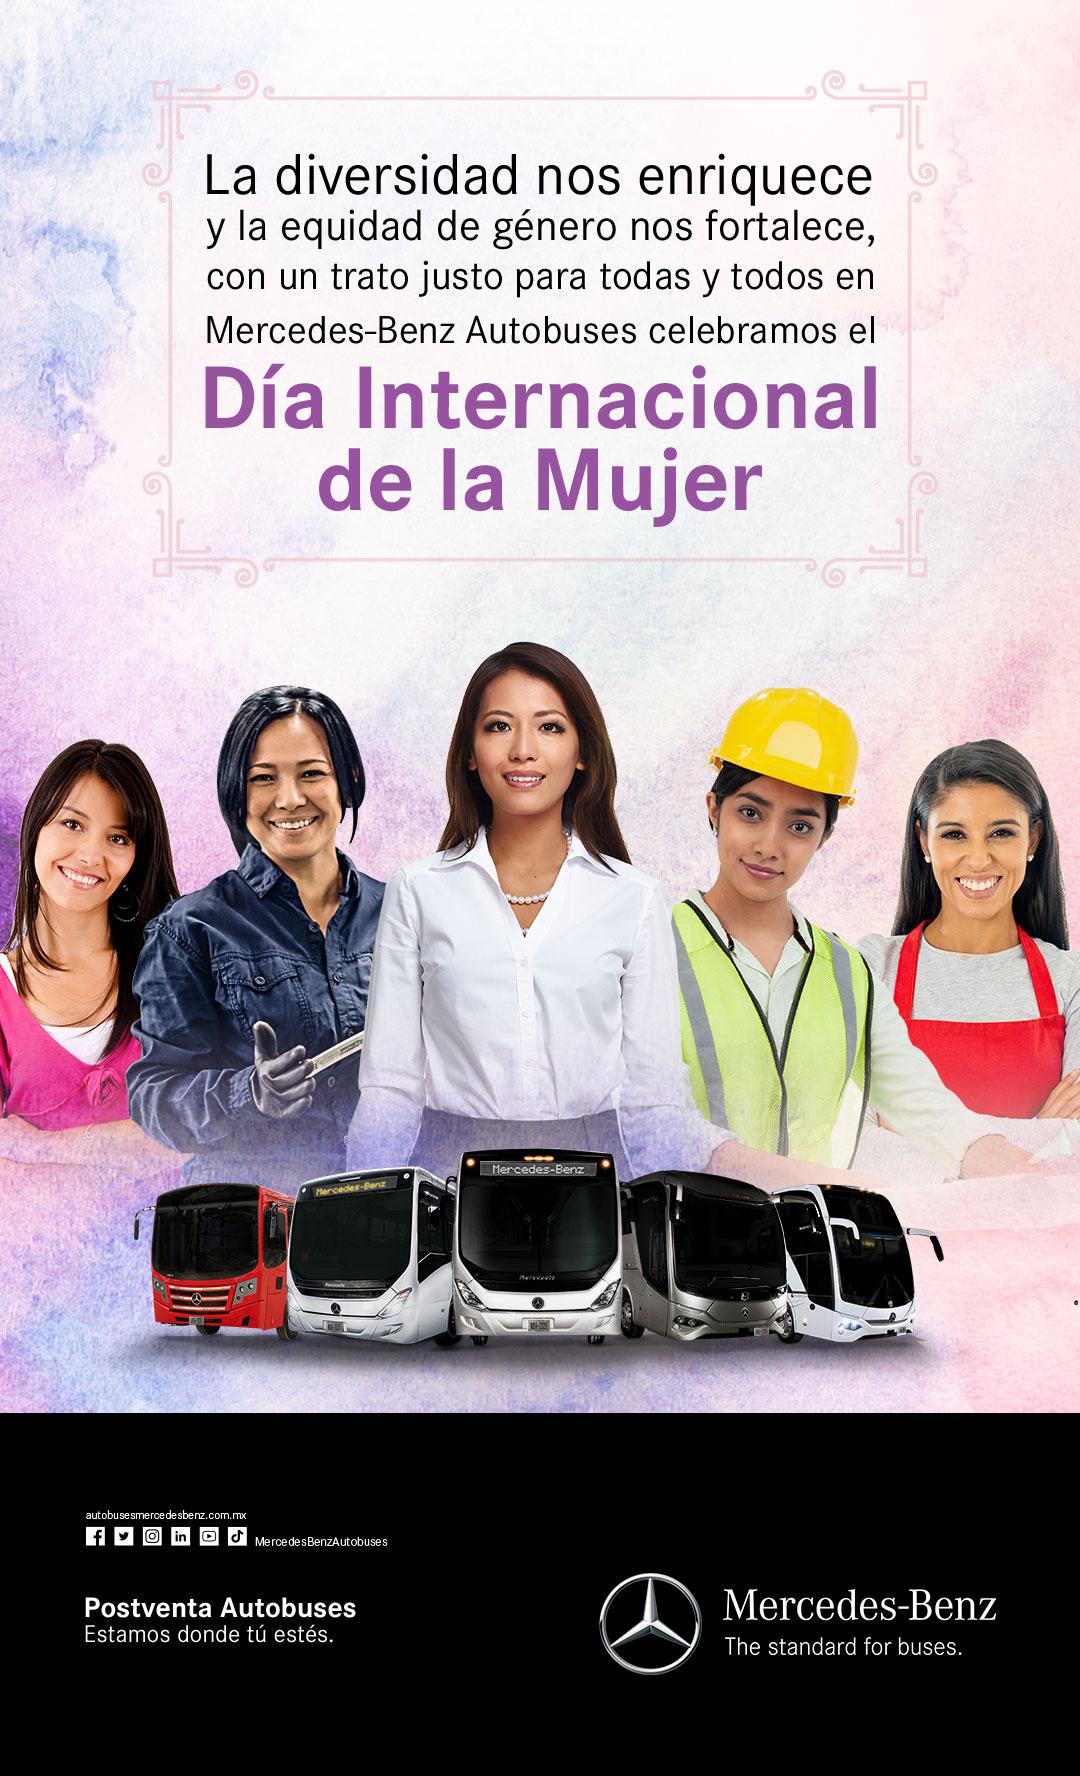 Mujeres, protagonistas en Mercedes-Benz Autobuses y la industria del transporte